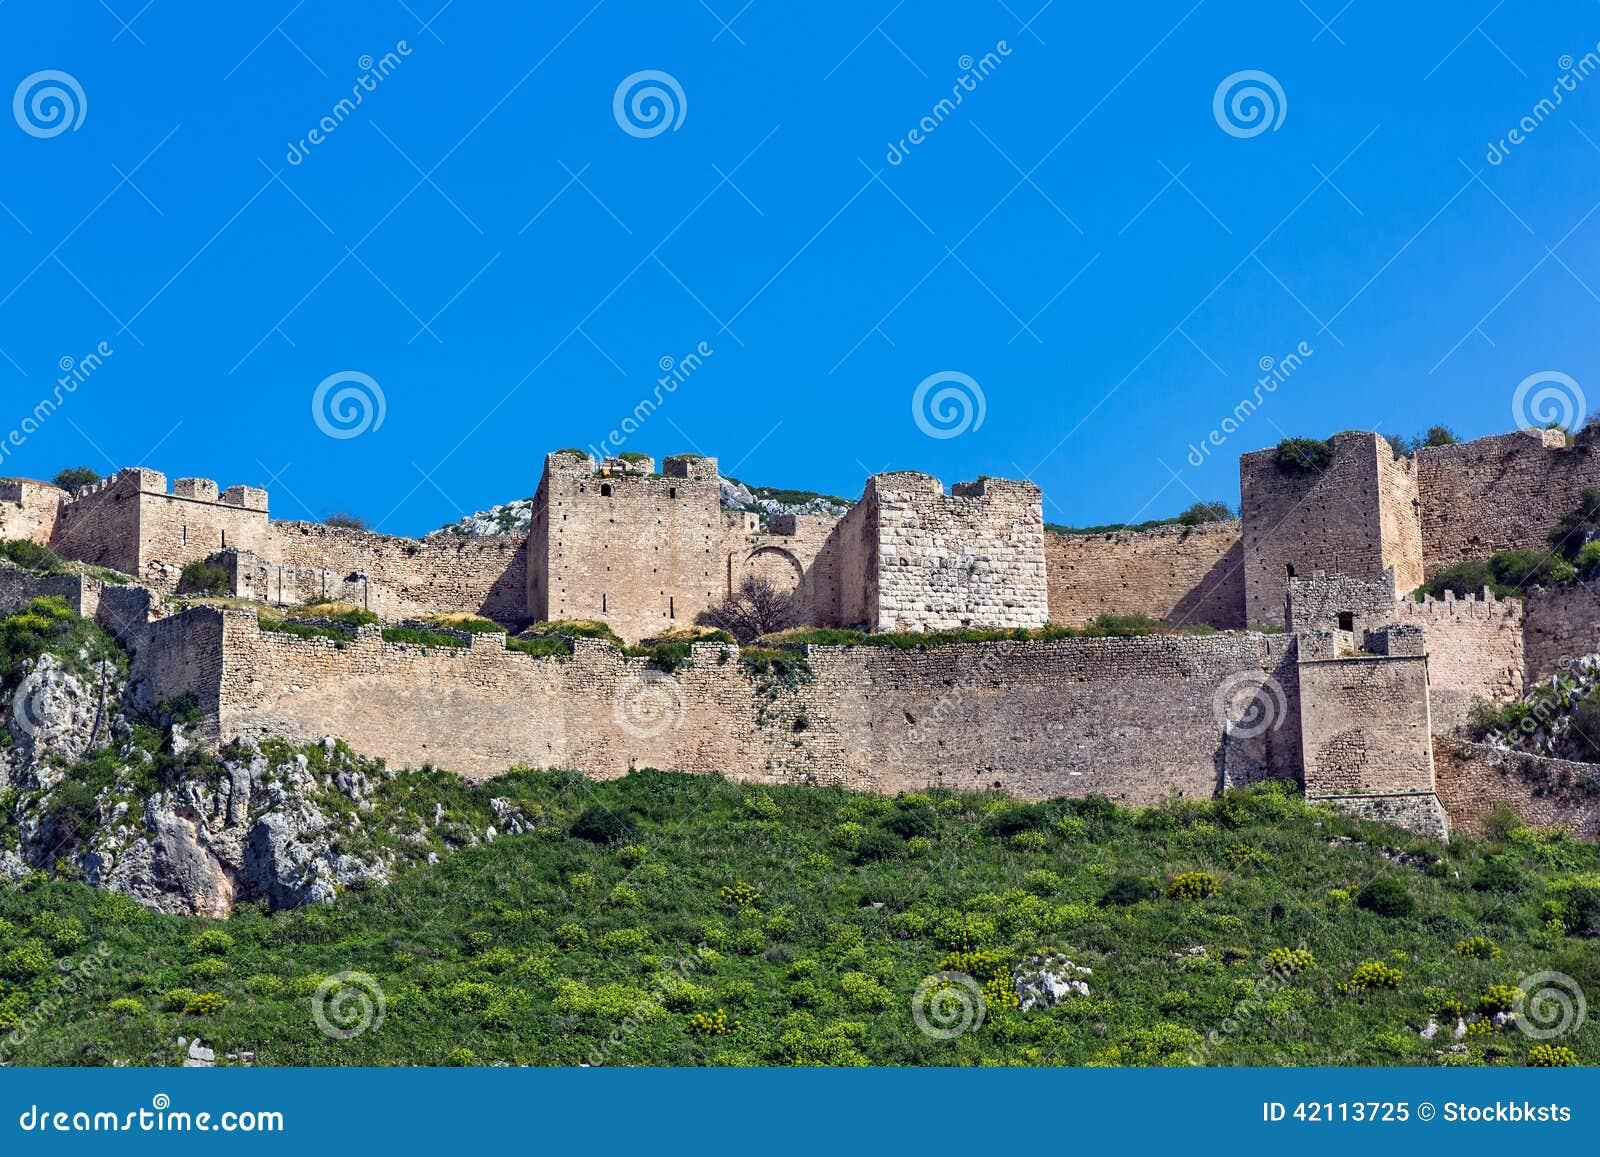 Acrocorinth Peloponesse Stock Photo - Image: 42113725